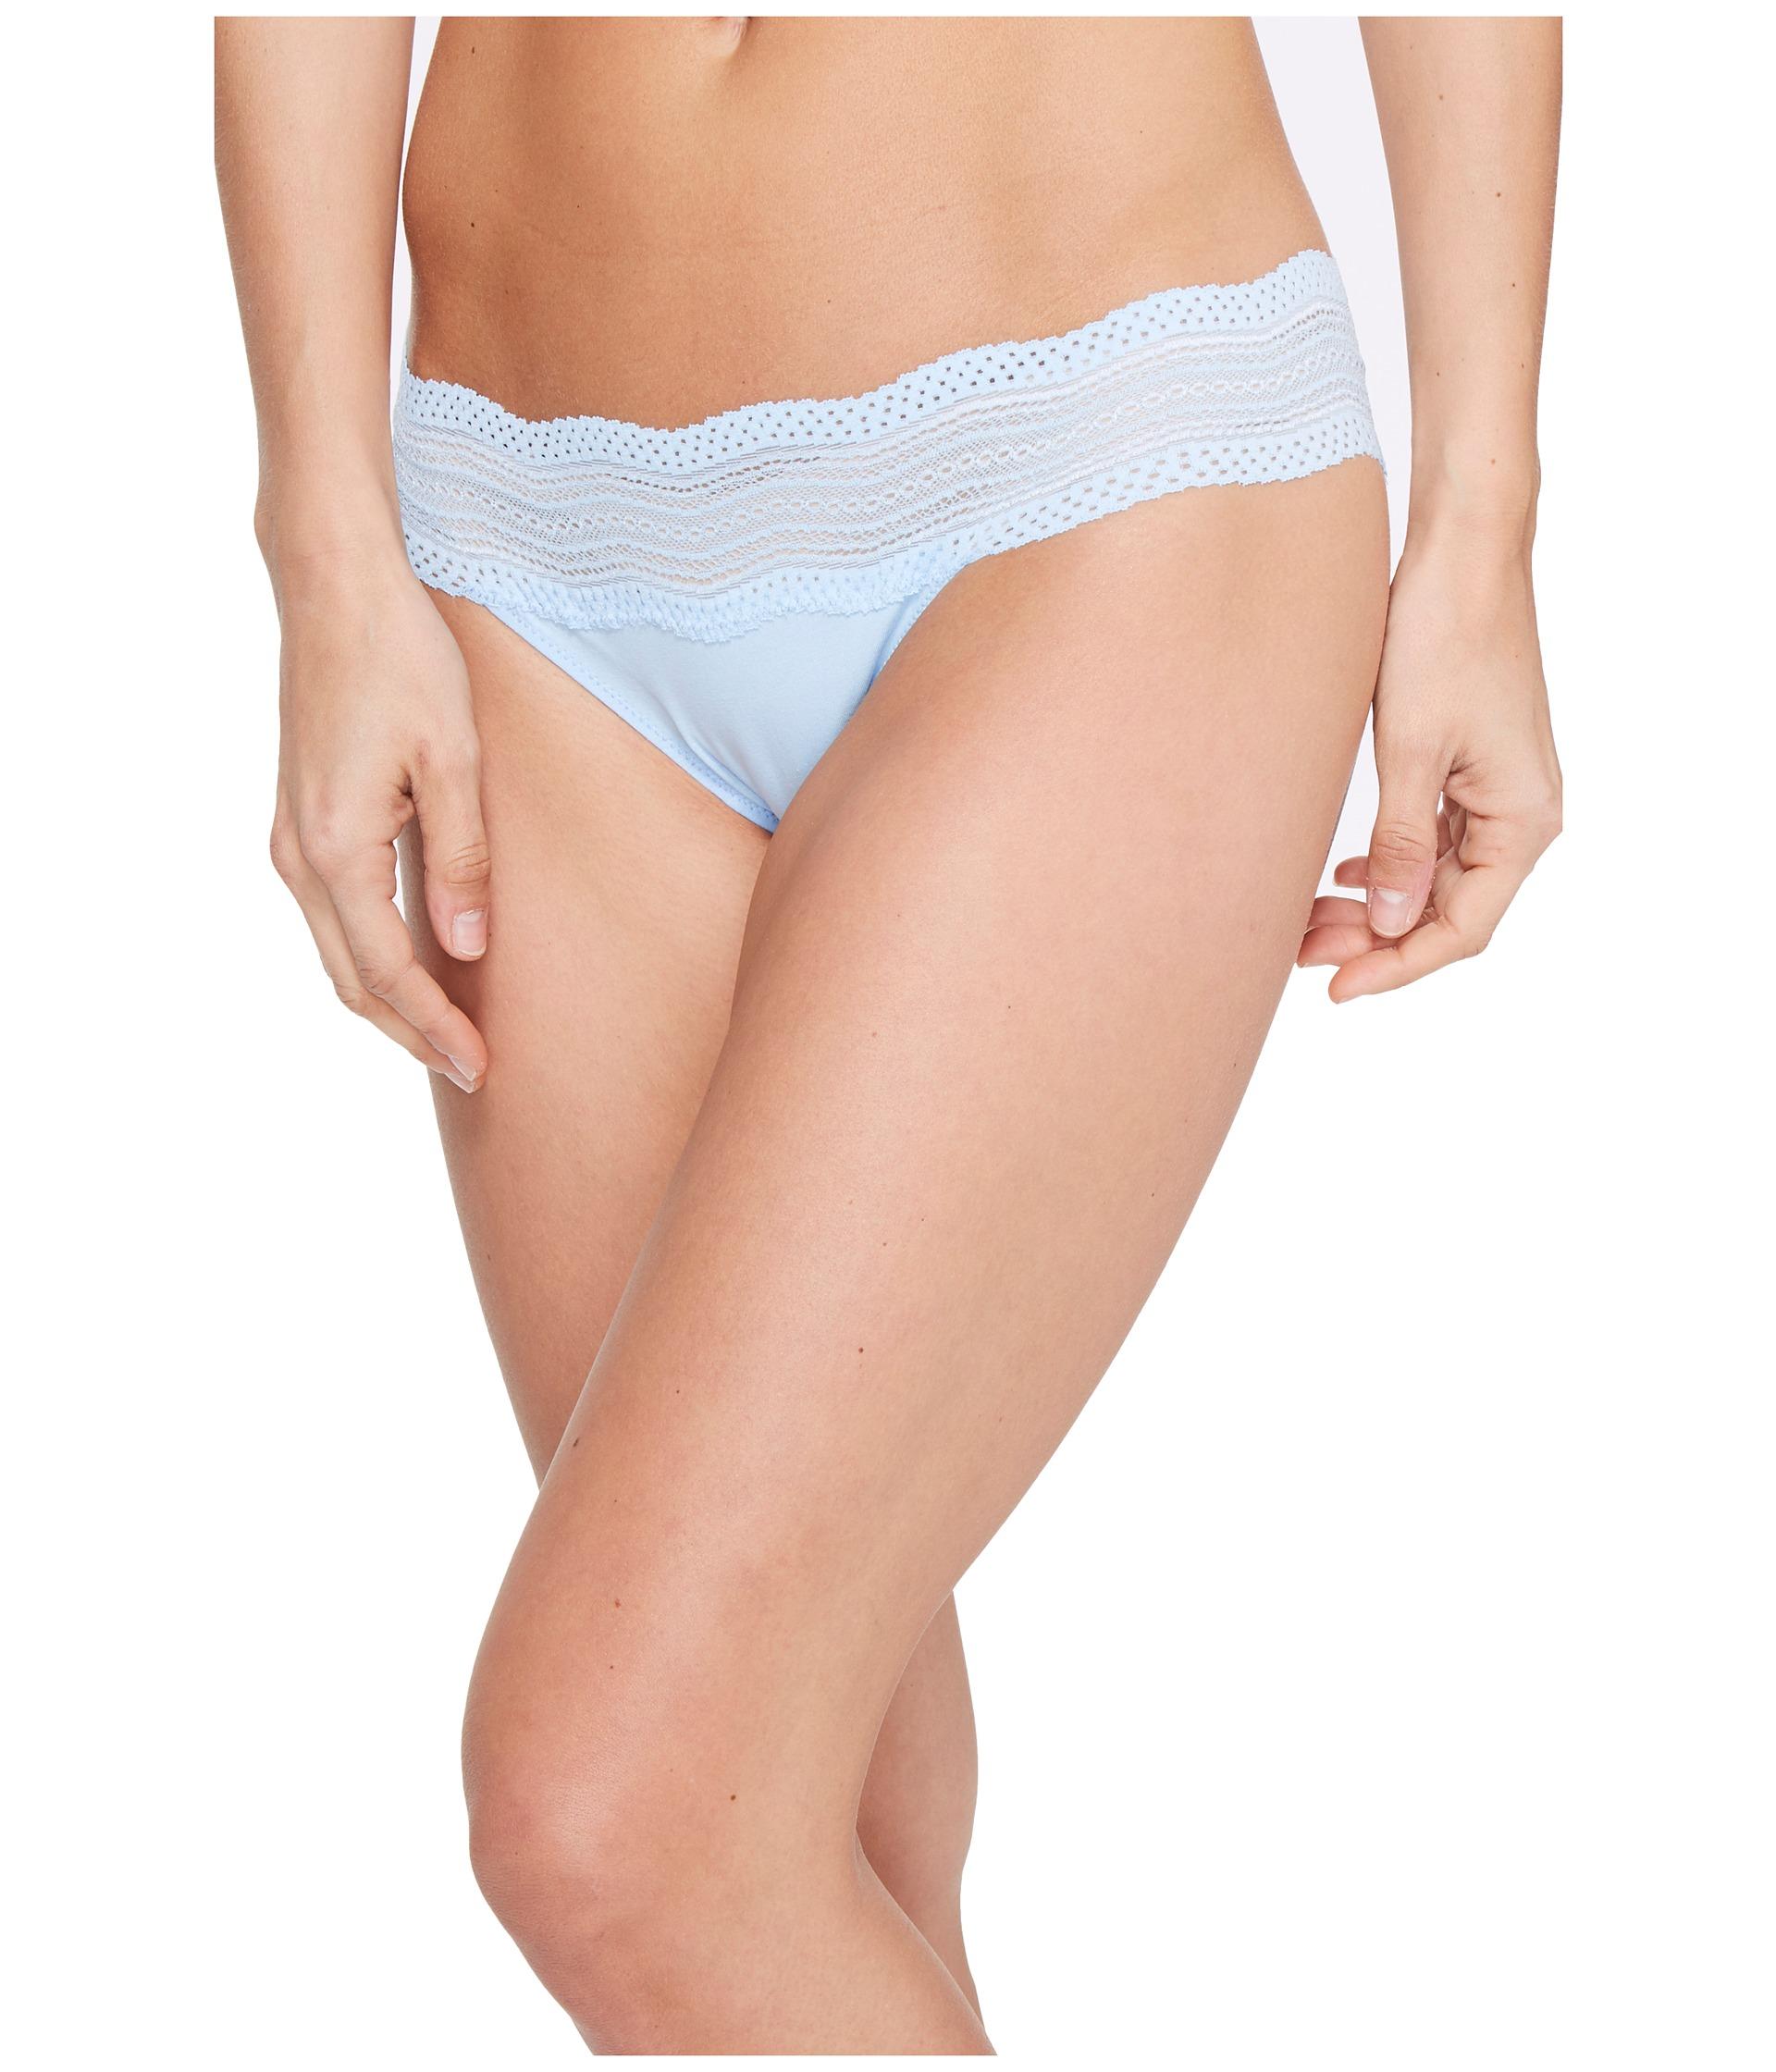 cosabella dolce lowrider bikini at zappos